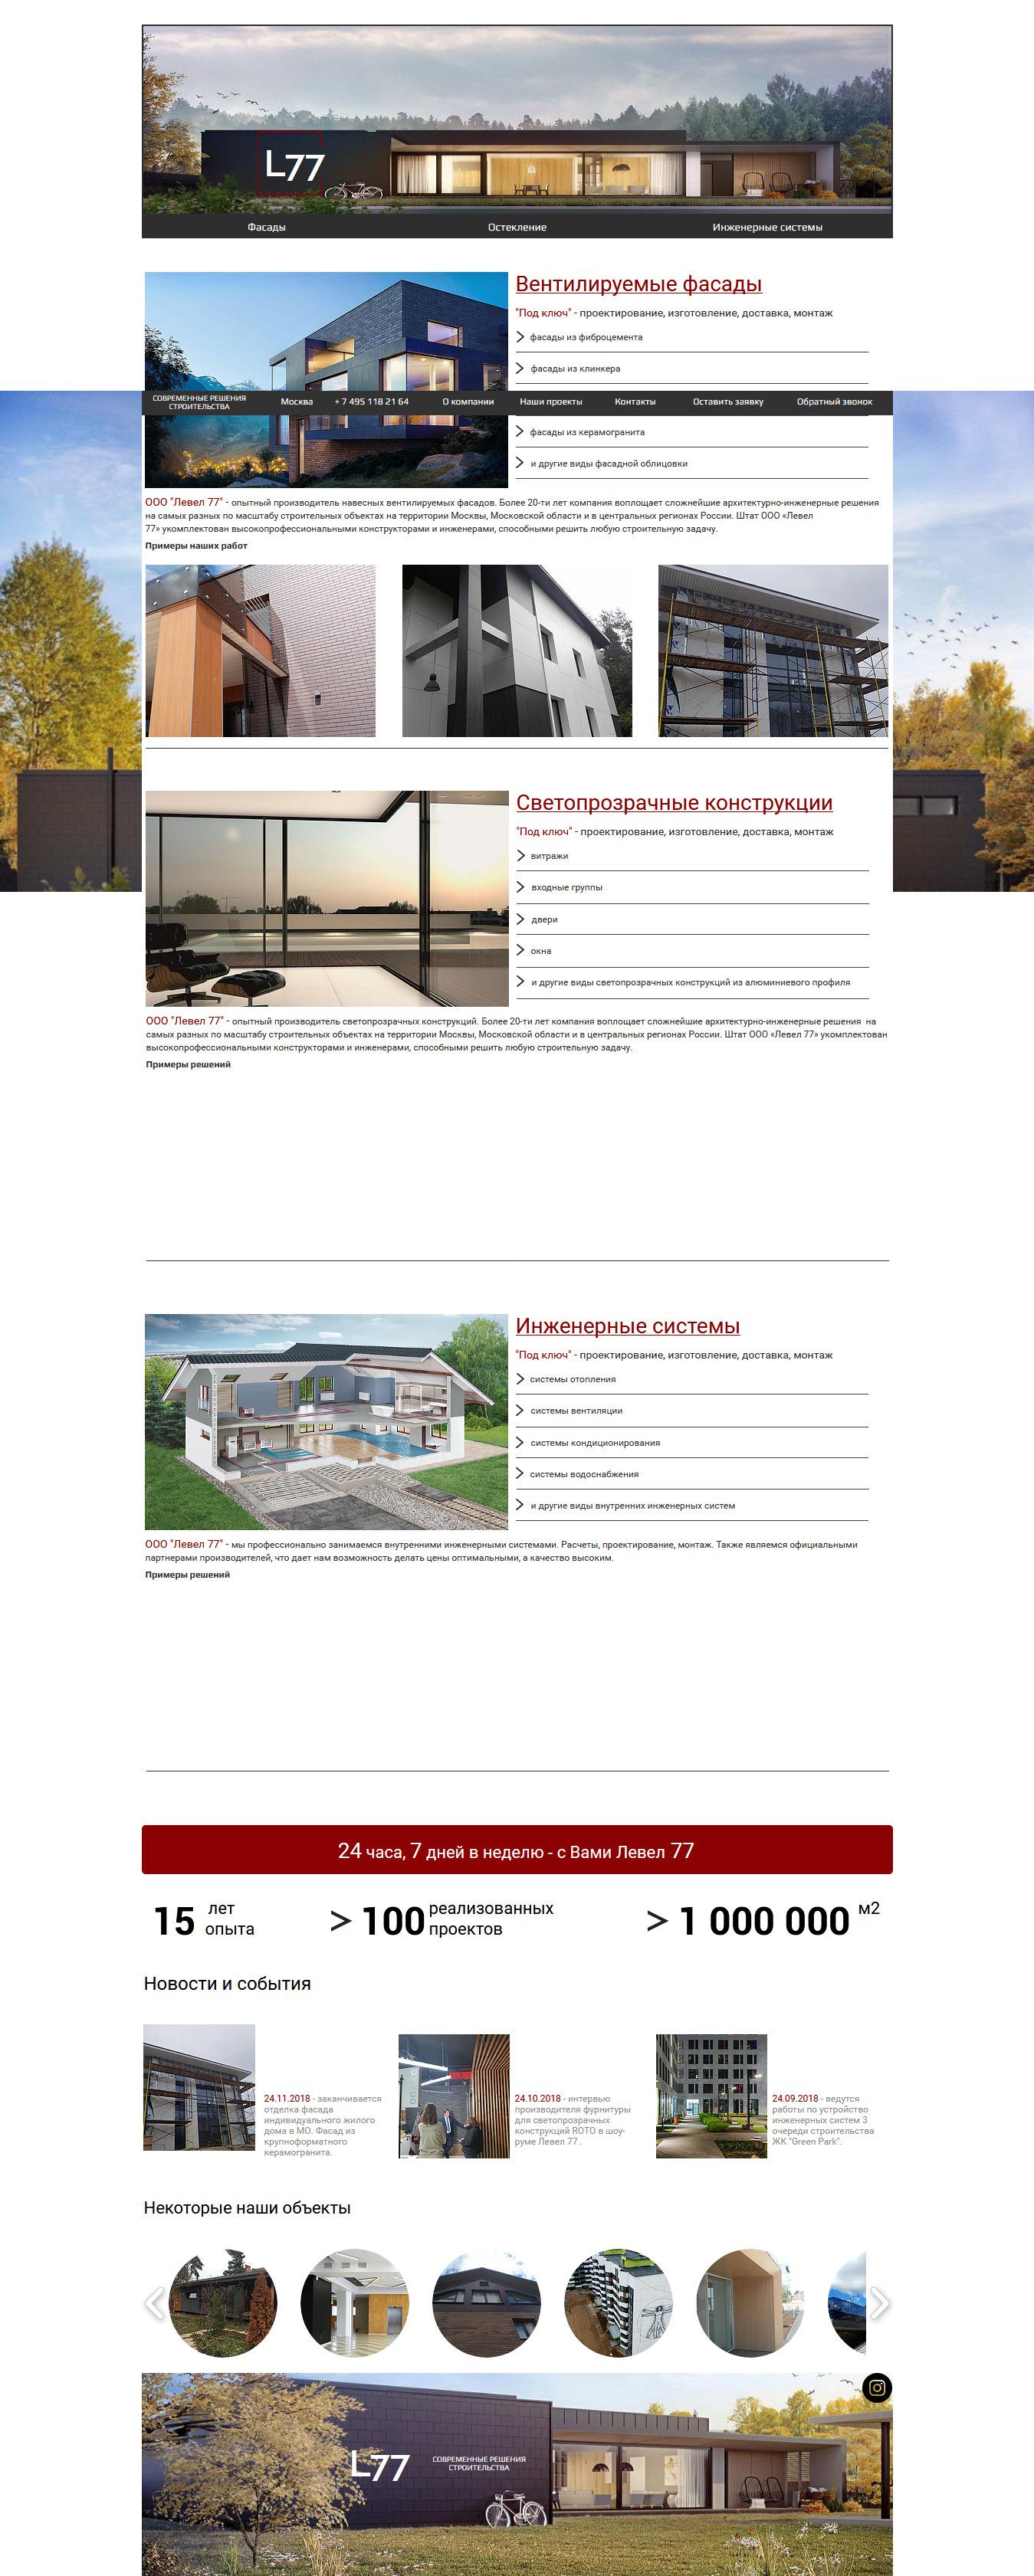 L77 современные строительные решения